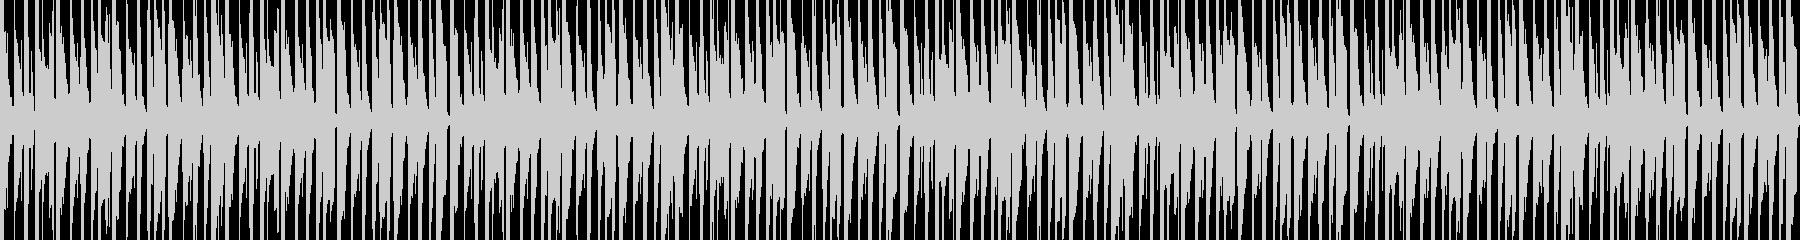 軽快なギターのBGMの未再生の波形